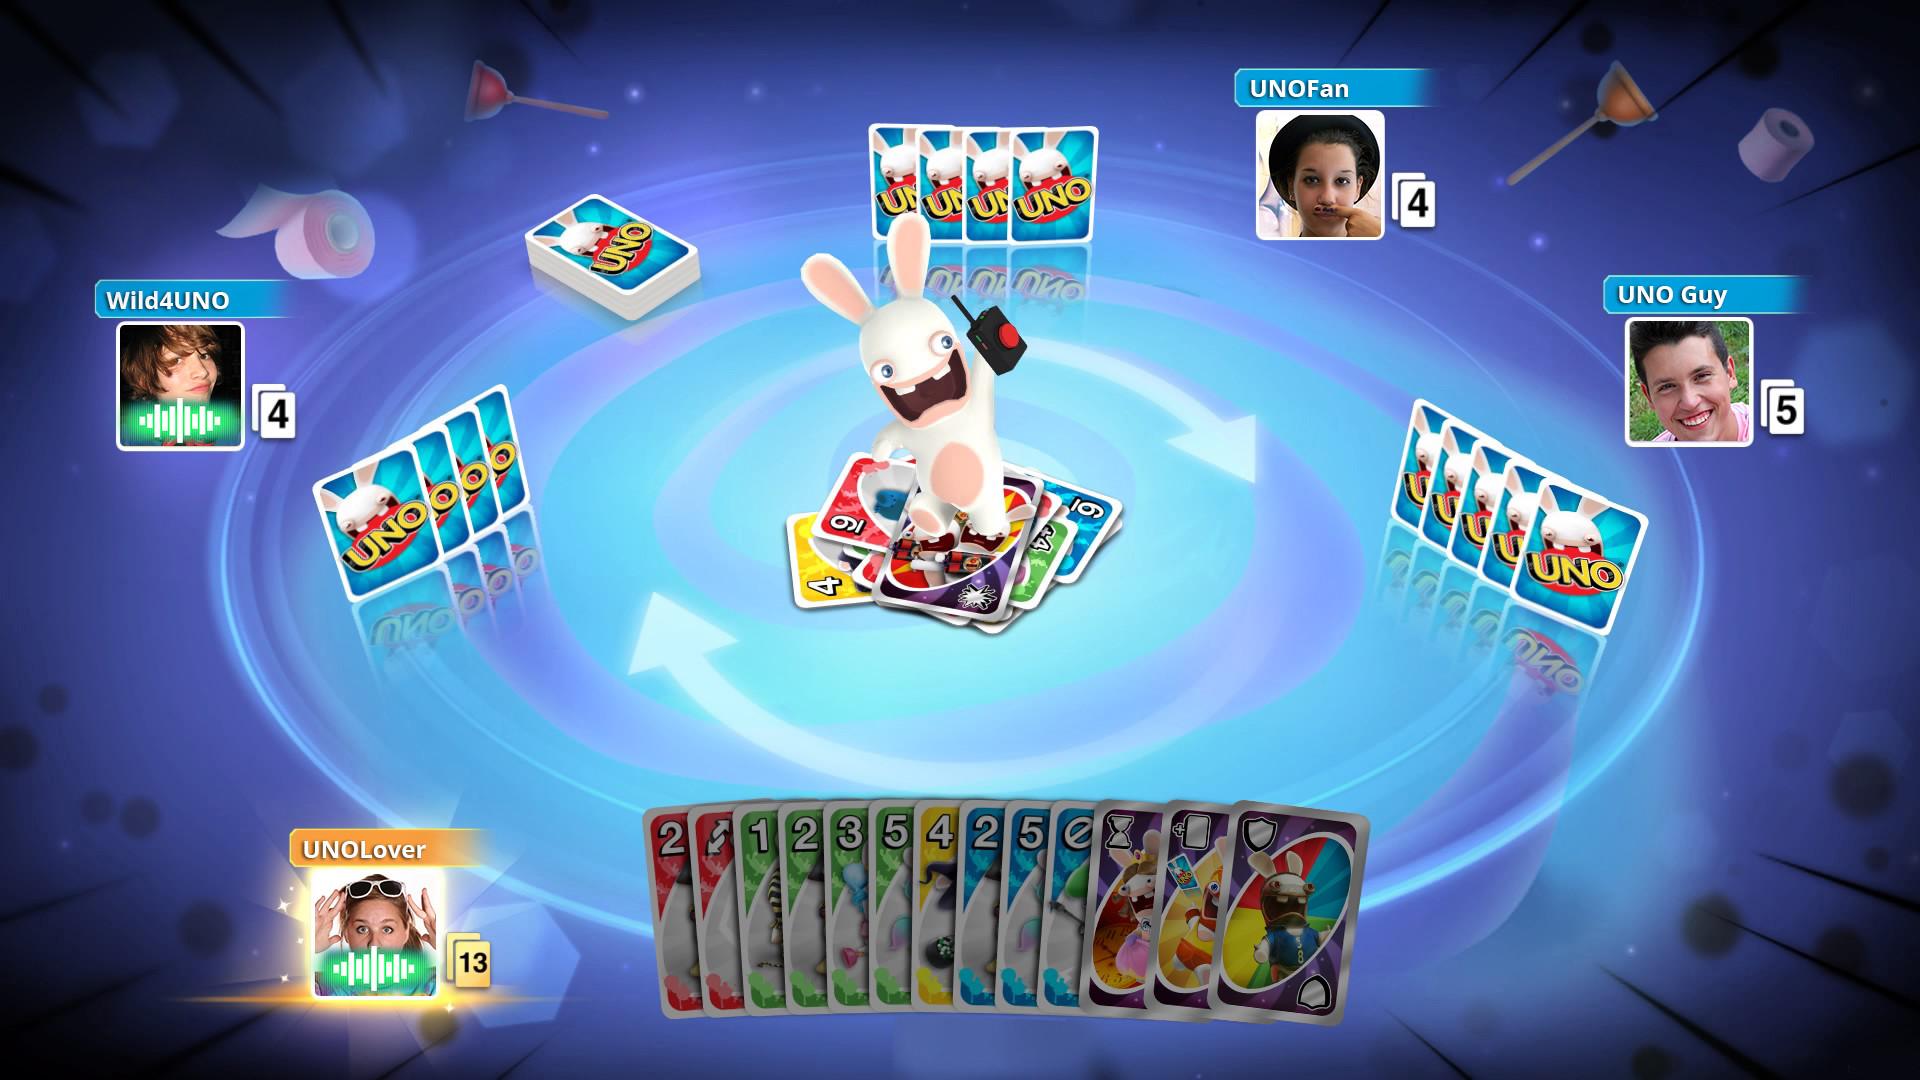 UNO screenshot